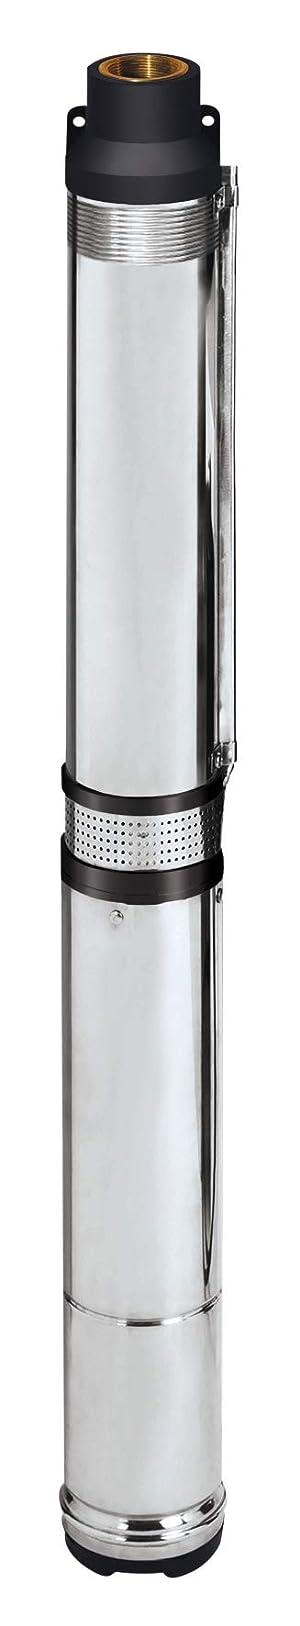 Einhell GC-DW 1300 N - Bomba de agua de profundidad para pozos (1300W, capacidad de 5.000l/h, profundidad max. de 20m, 2 ojales de suspensión, altura de presión 65 m, sistema de impulsor de 10 etapas